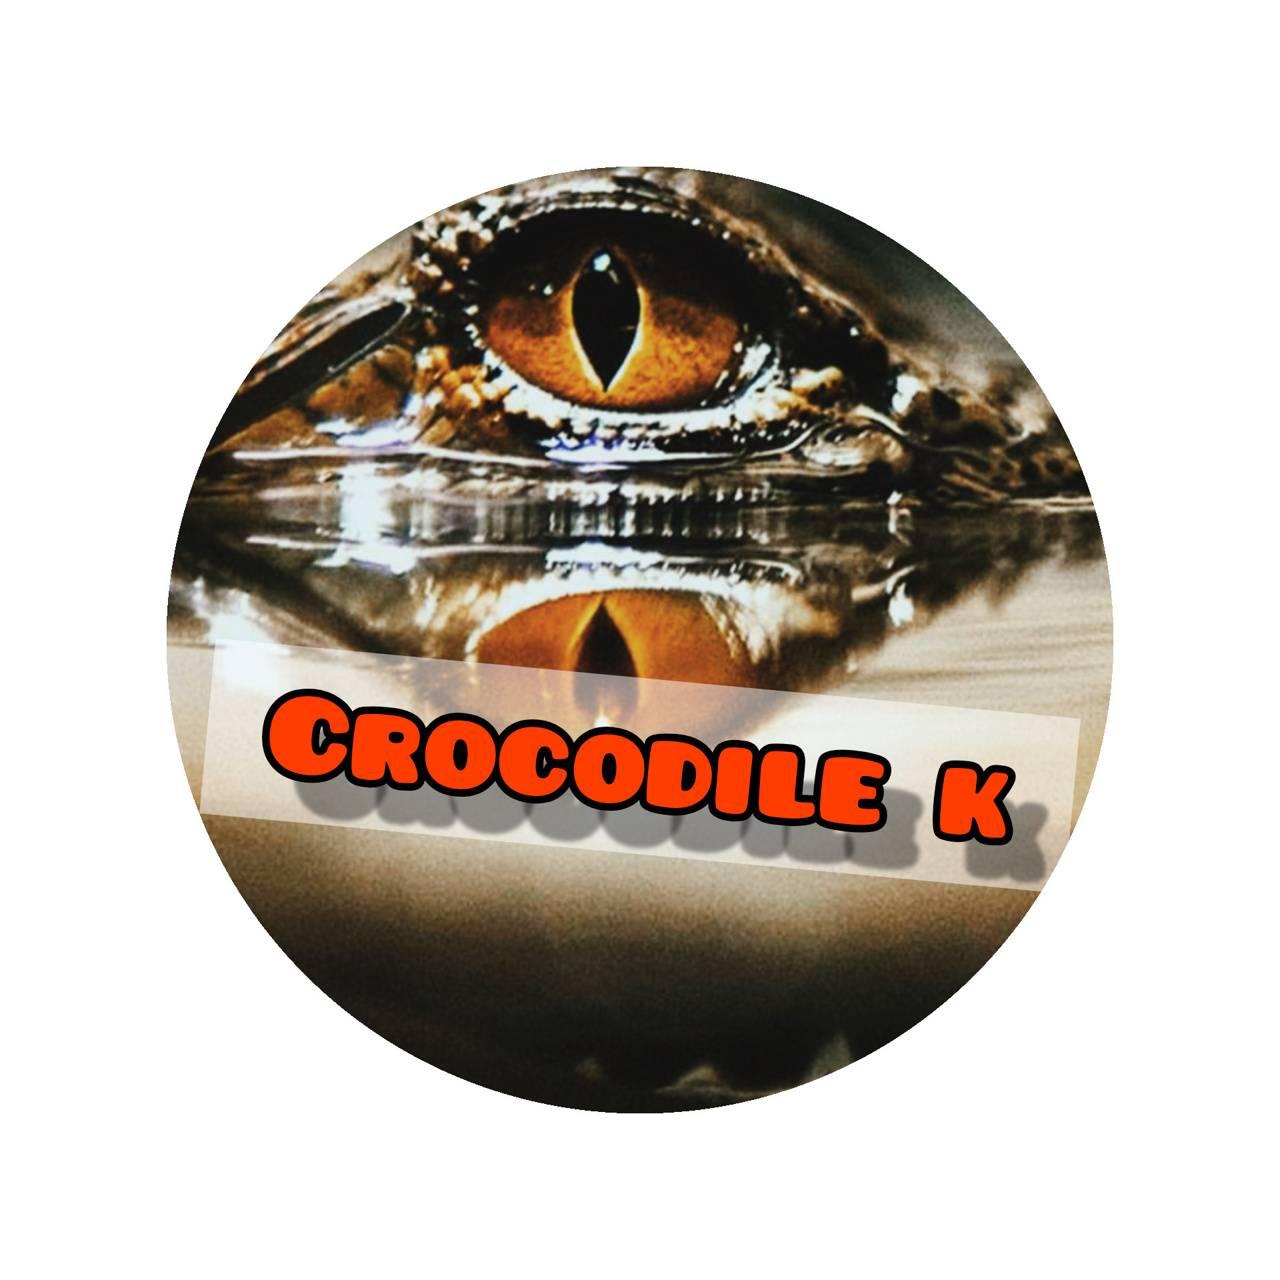 Crocodile k